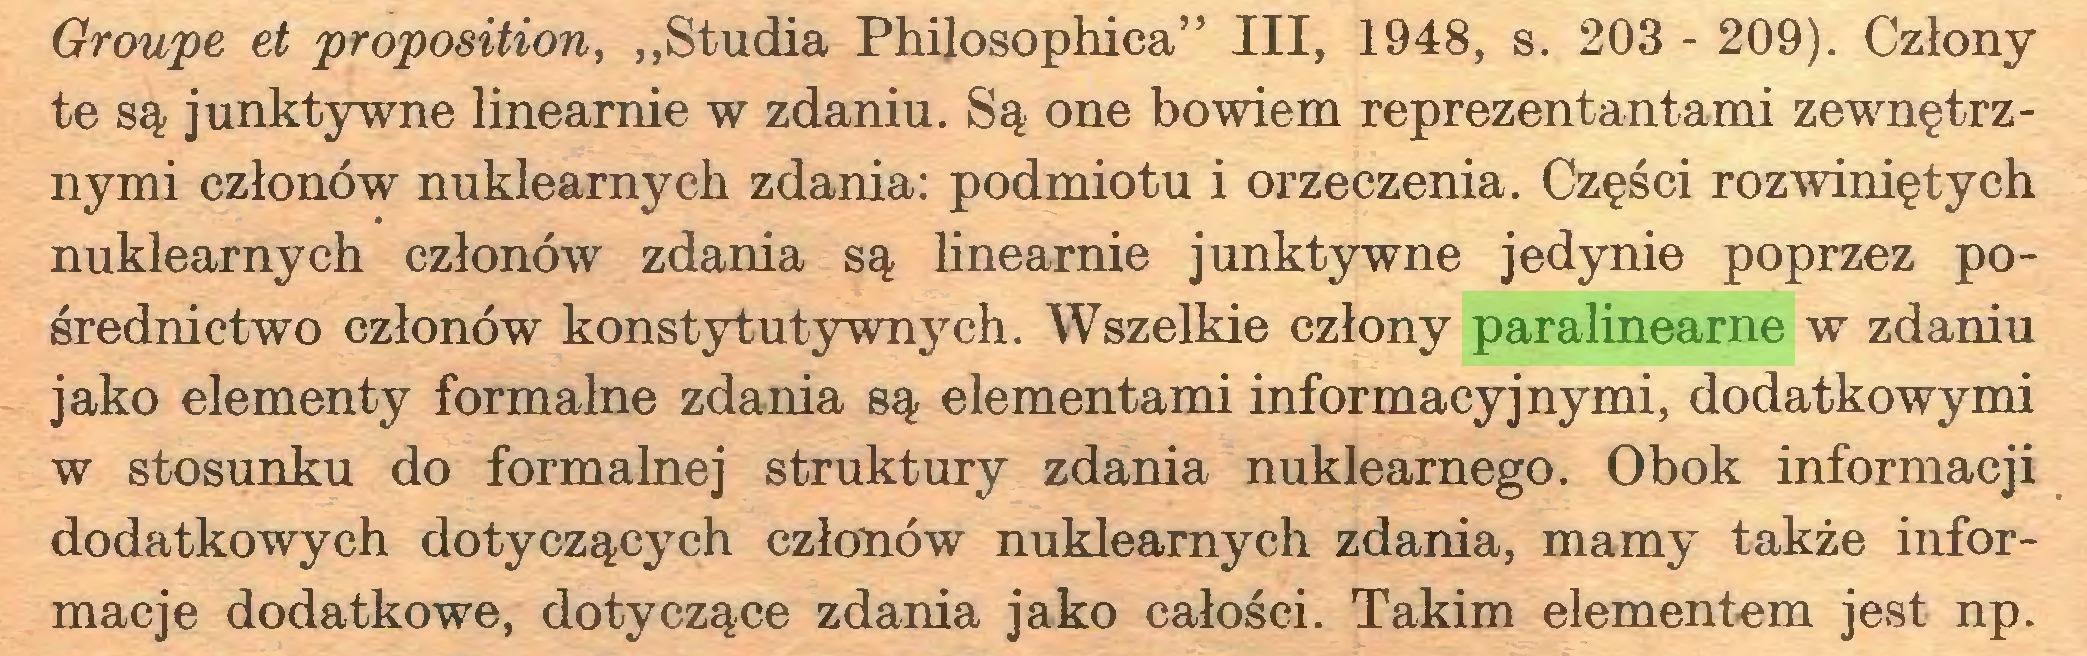 """(...) Groupe et proposition, """"Studia Philosophica"""" III, 1948, s. 203 - 209). Człony te są junktywne linearnie w zdaniu. Są one bowiem reprezentantami zewnętrznymi członów nuklearnych zdania: podmiotu i orzeczenia. Części rozwiniętych nuklearnych członów zdania są linearnie junktywne jedynie poprzez pośrednictwo członów konstytutywnych. Wszelkie człony paralinearne w zdaniu jako elementy formalne zdania są elementami informacyjnymi, dodatkowymi w stosunku do formalnej struktury zdania nuklearnego. Obok informacji dodatkowych dotyczących członów nuklearnych zdania, mamy także informacje dodatkowe, dotyczące zdania jako całości. Takim elementem jest np..."""